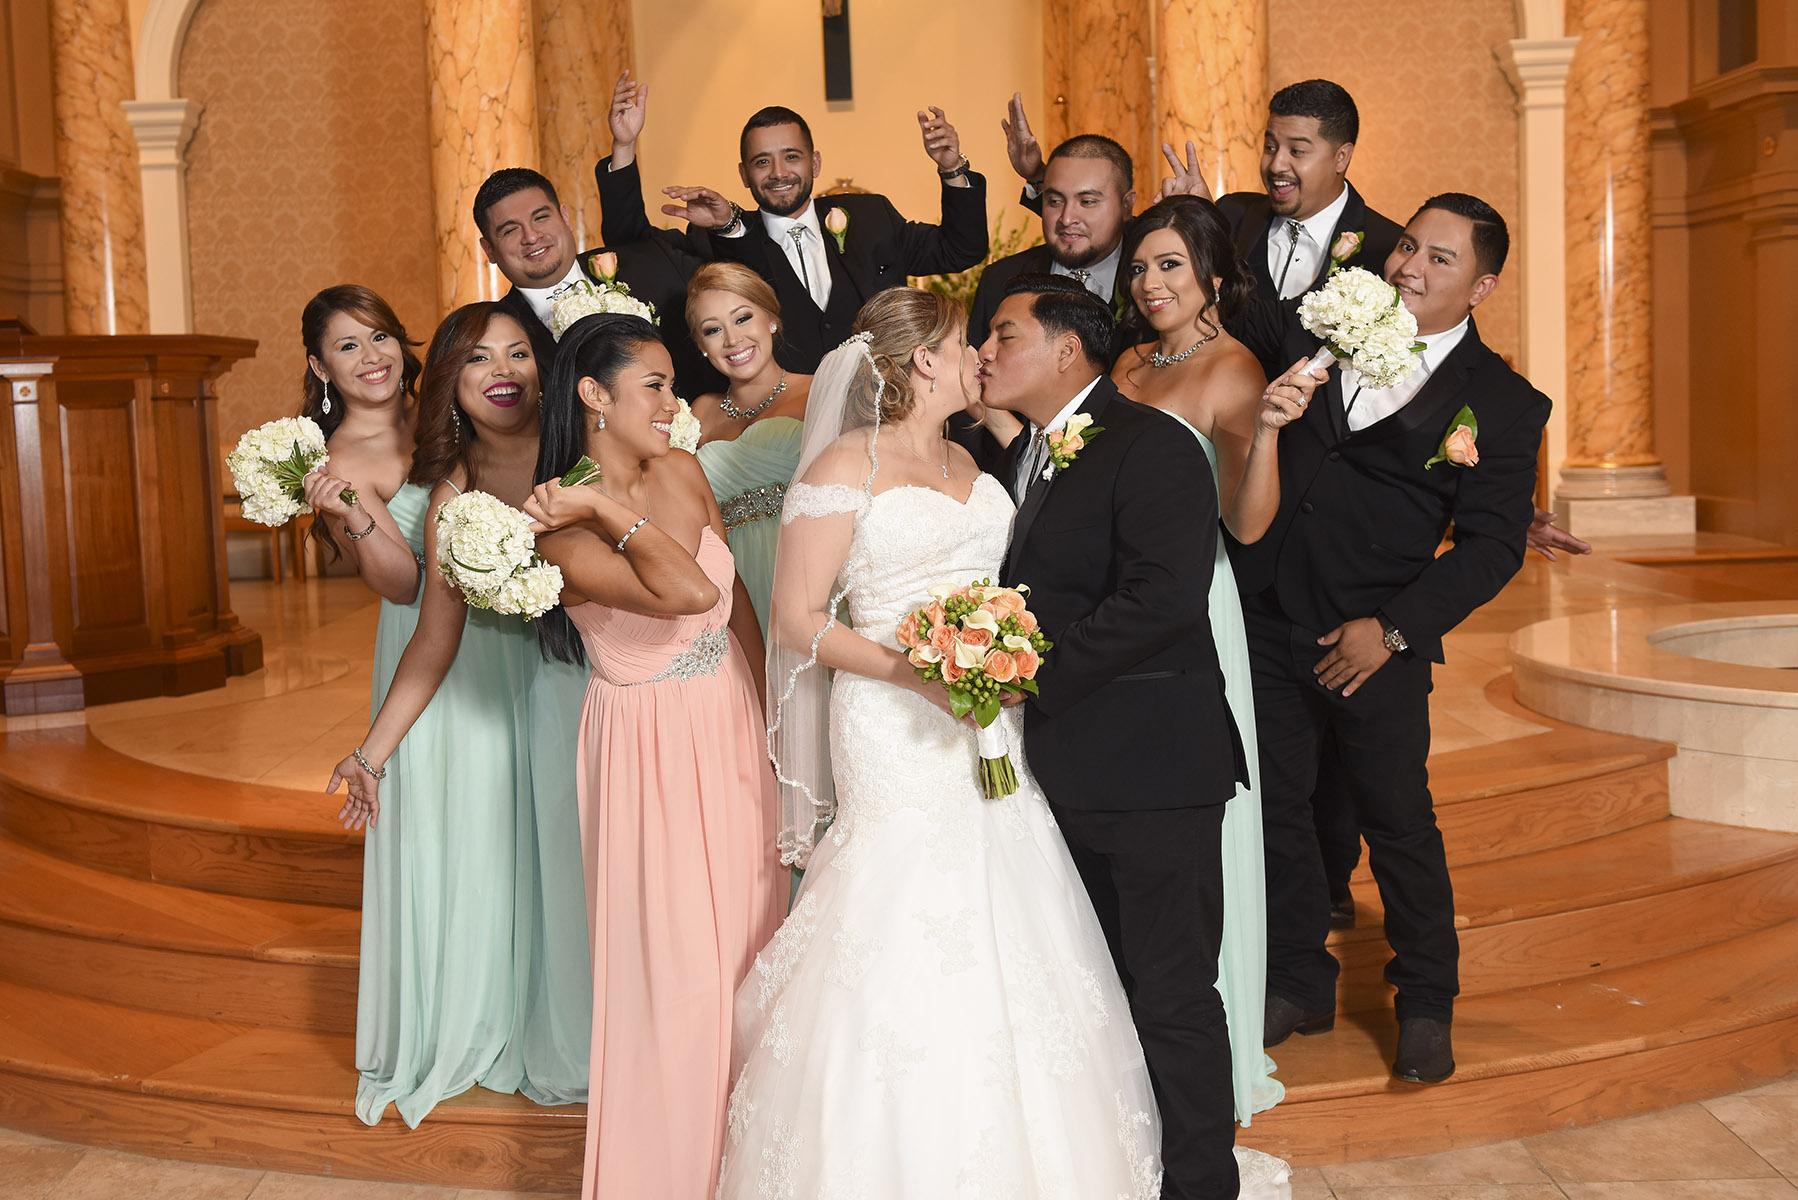 Sugar Land Wedding Wedding Party 1